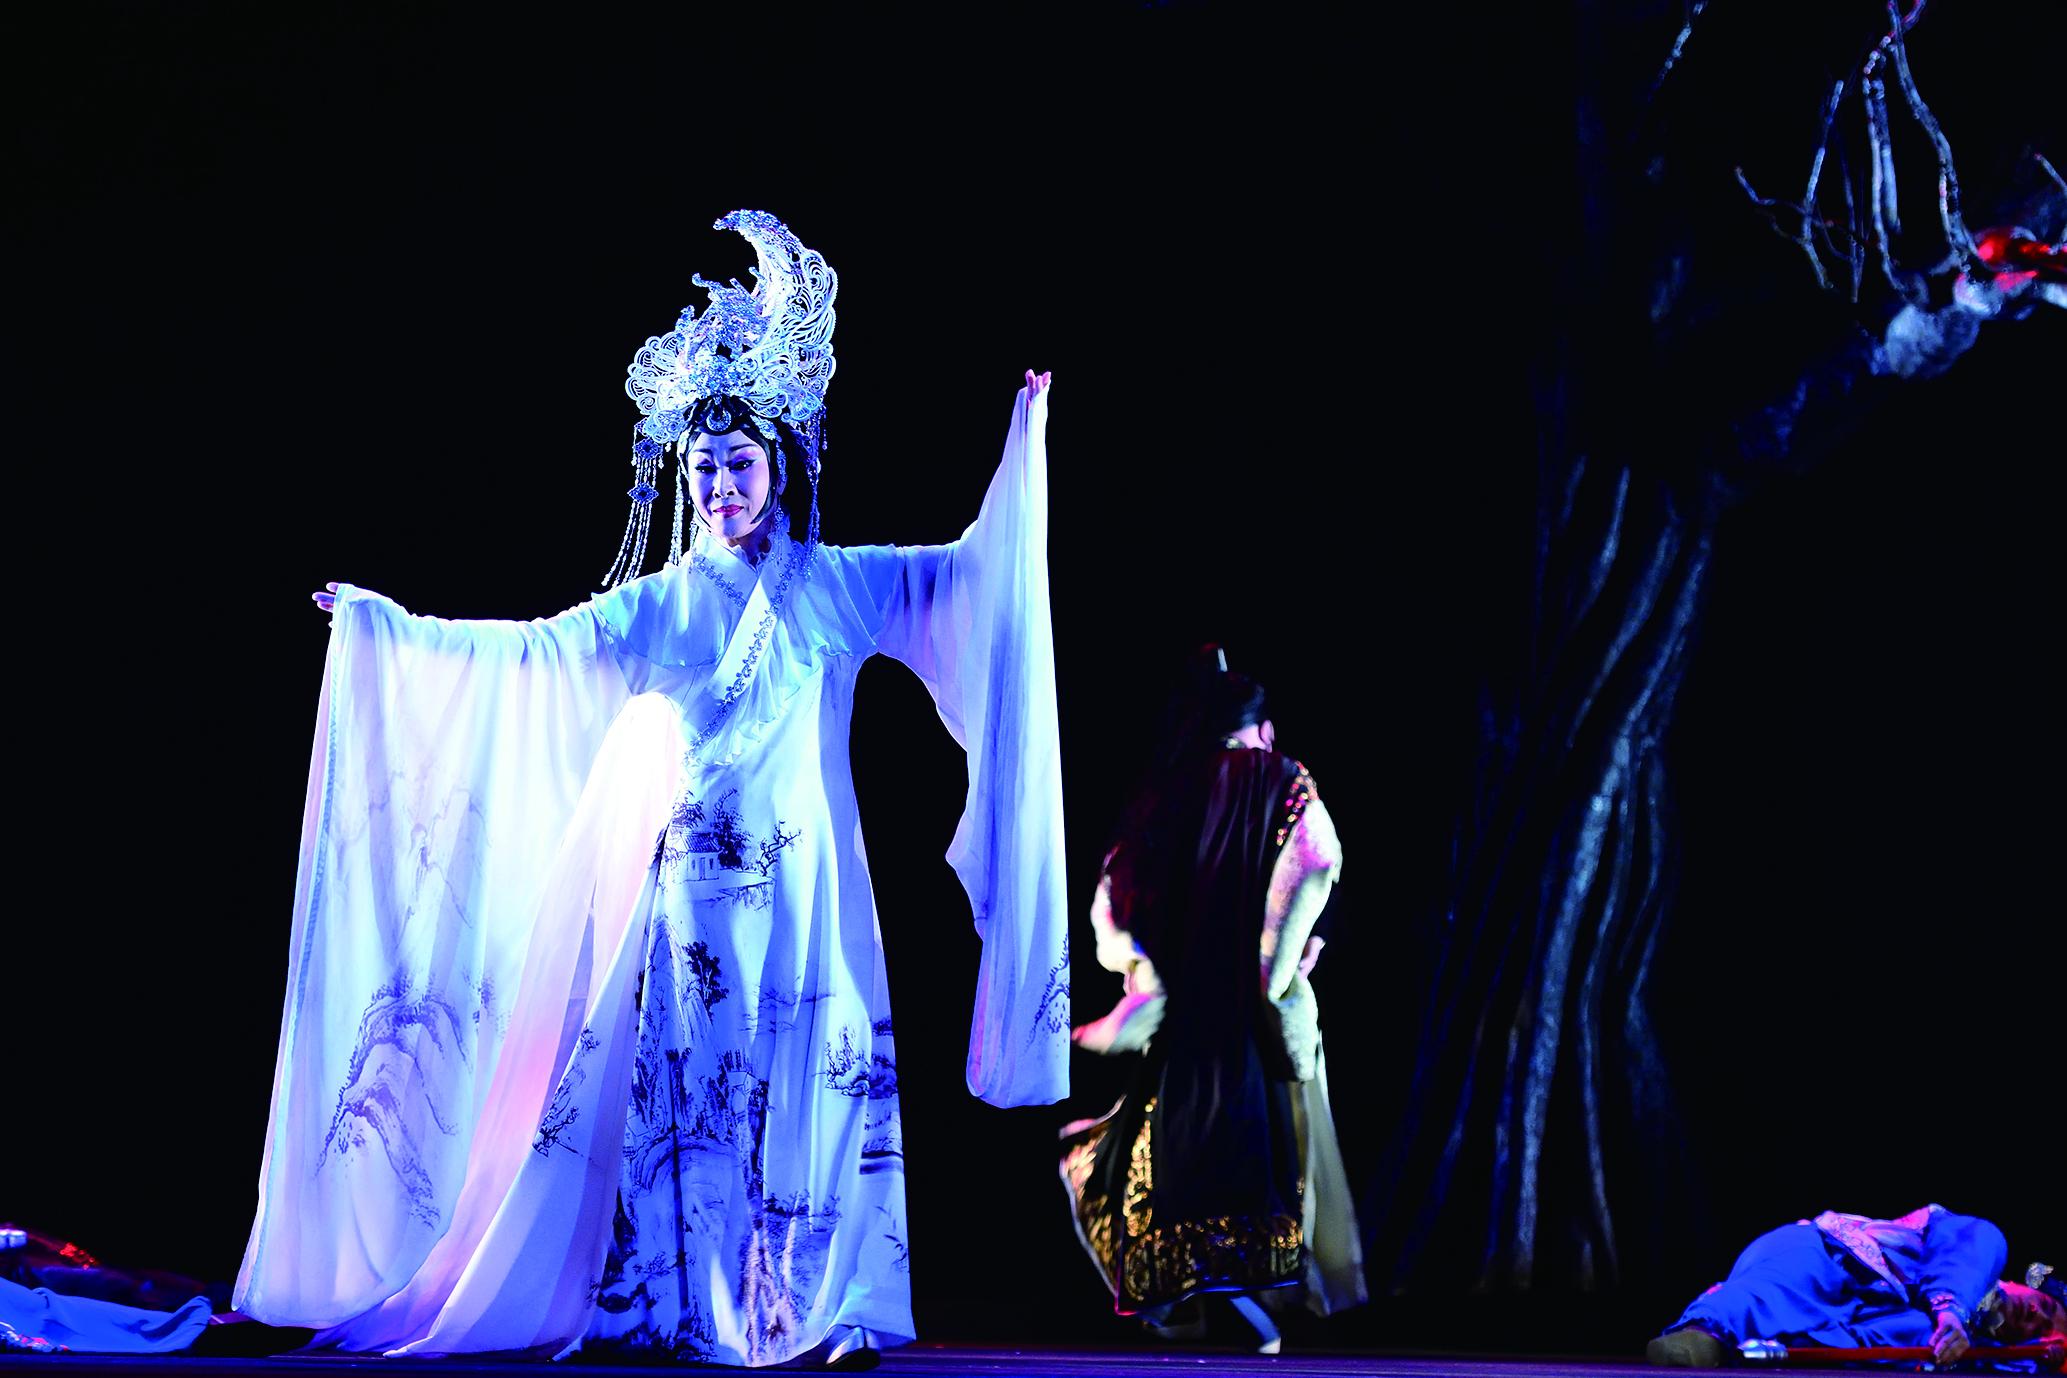 李小平導演和國家交響樂團首度合作《快雪時晴》。.jpg